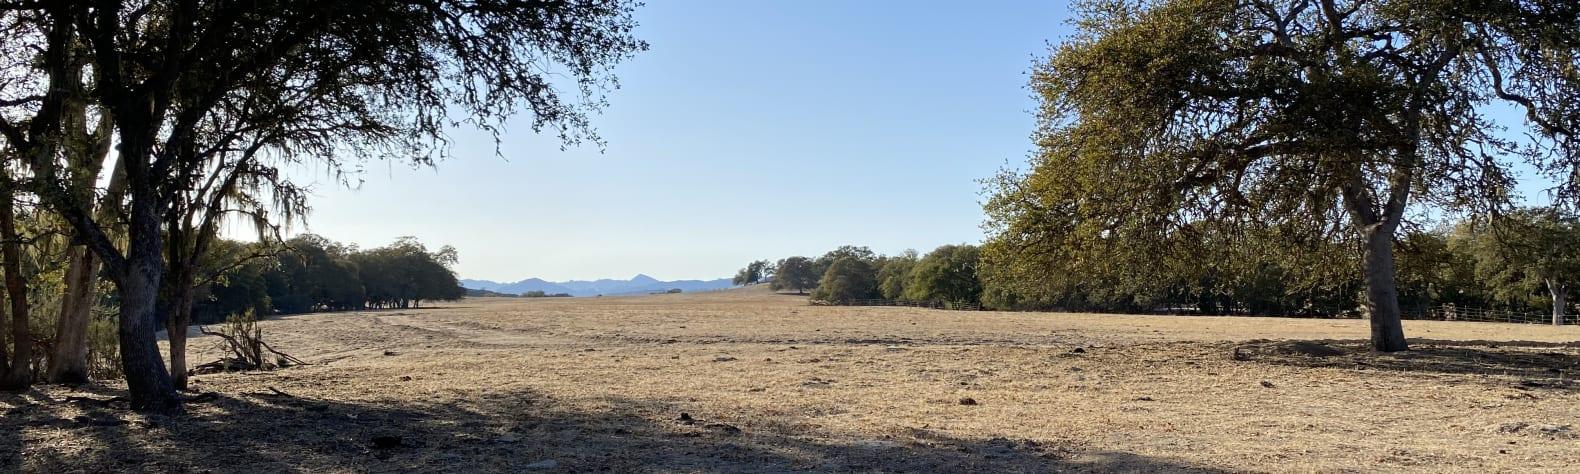 Smith Ranch